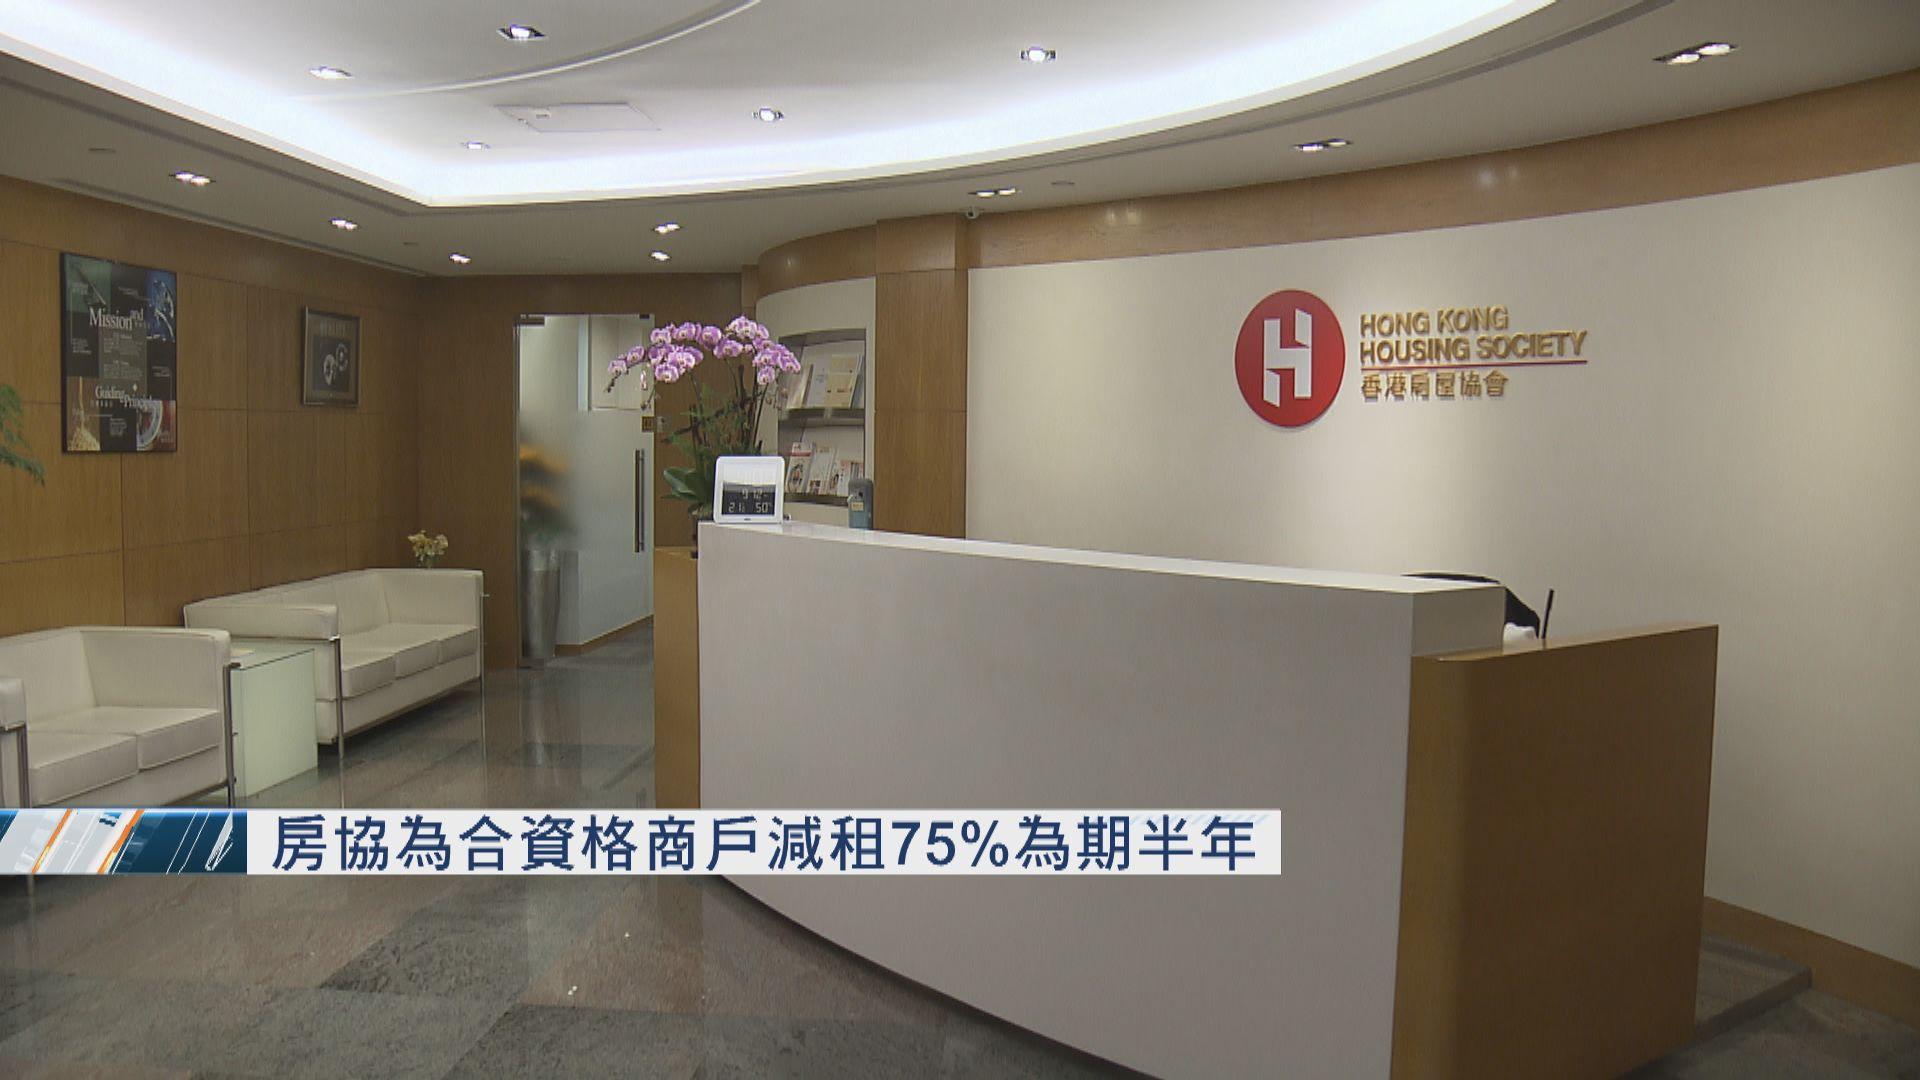 房協為合資格商戶減租75% 為期半年